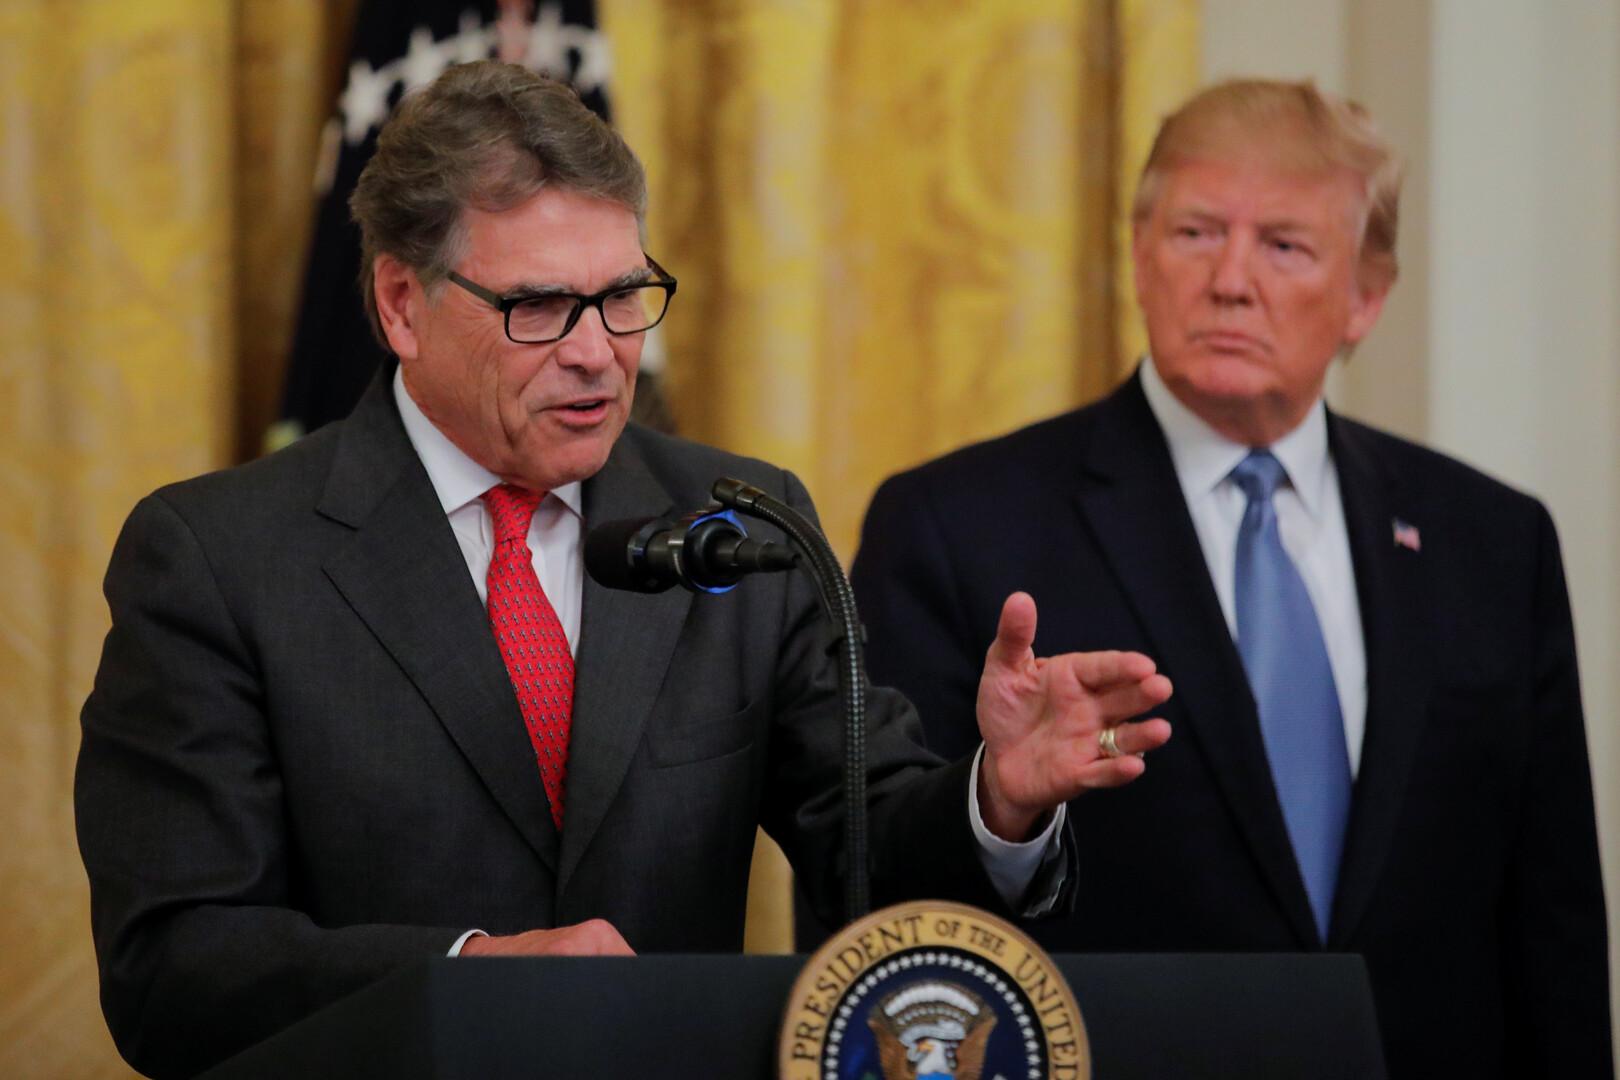 وسائل إعلام: وزير الطاقة الأمريكي يبلغ ترامب بتقديم استقالته قريبا